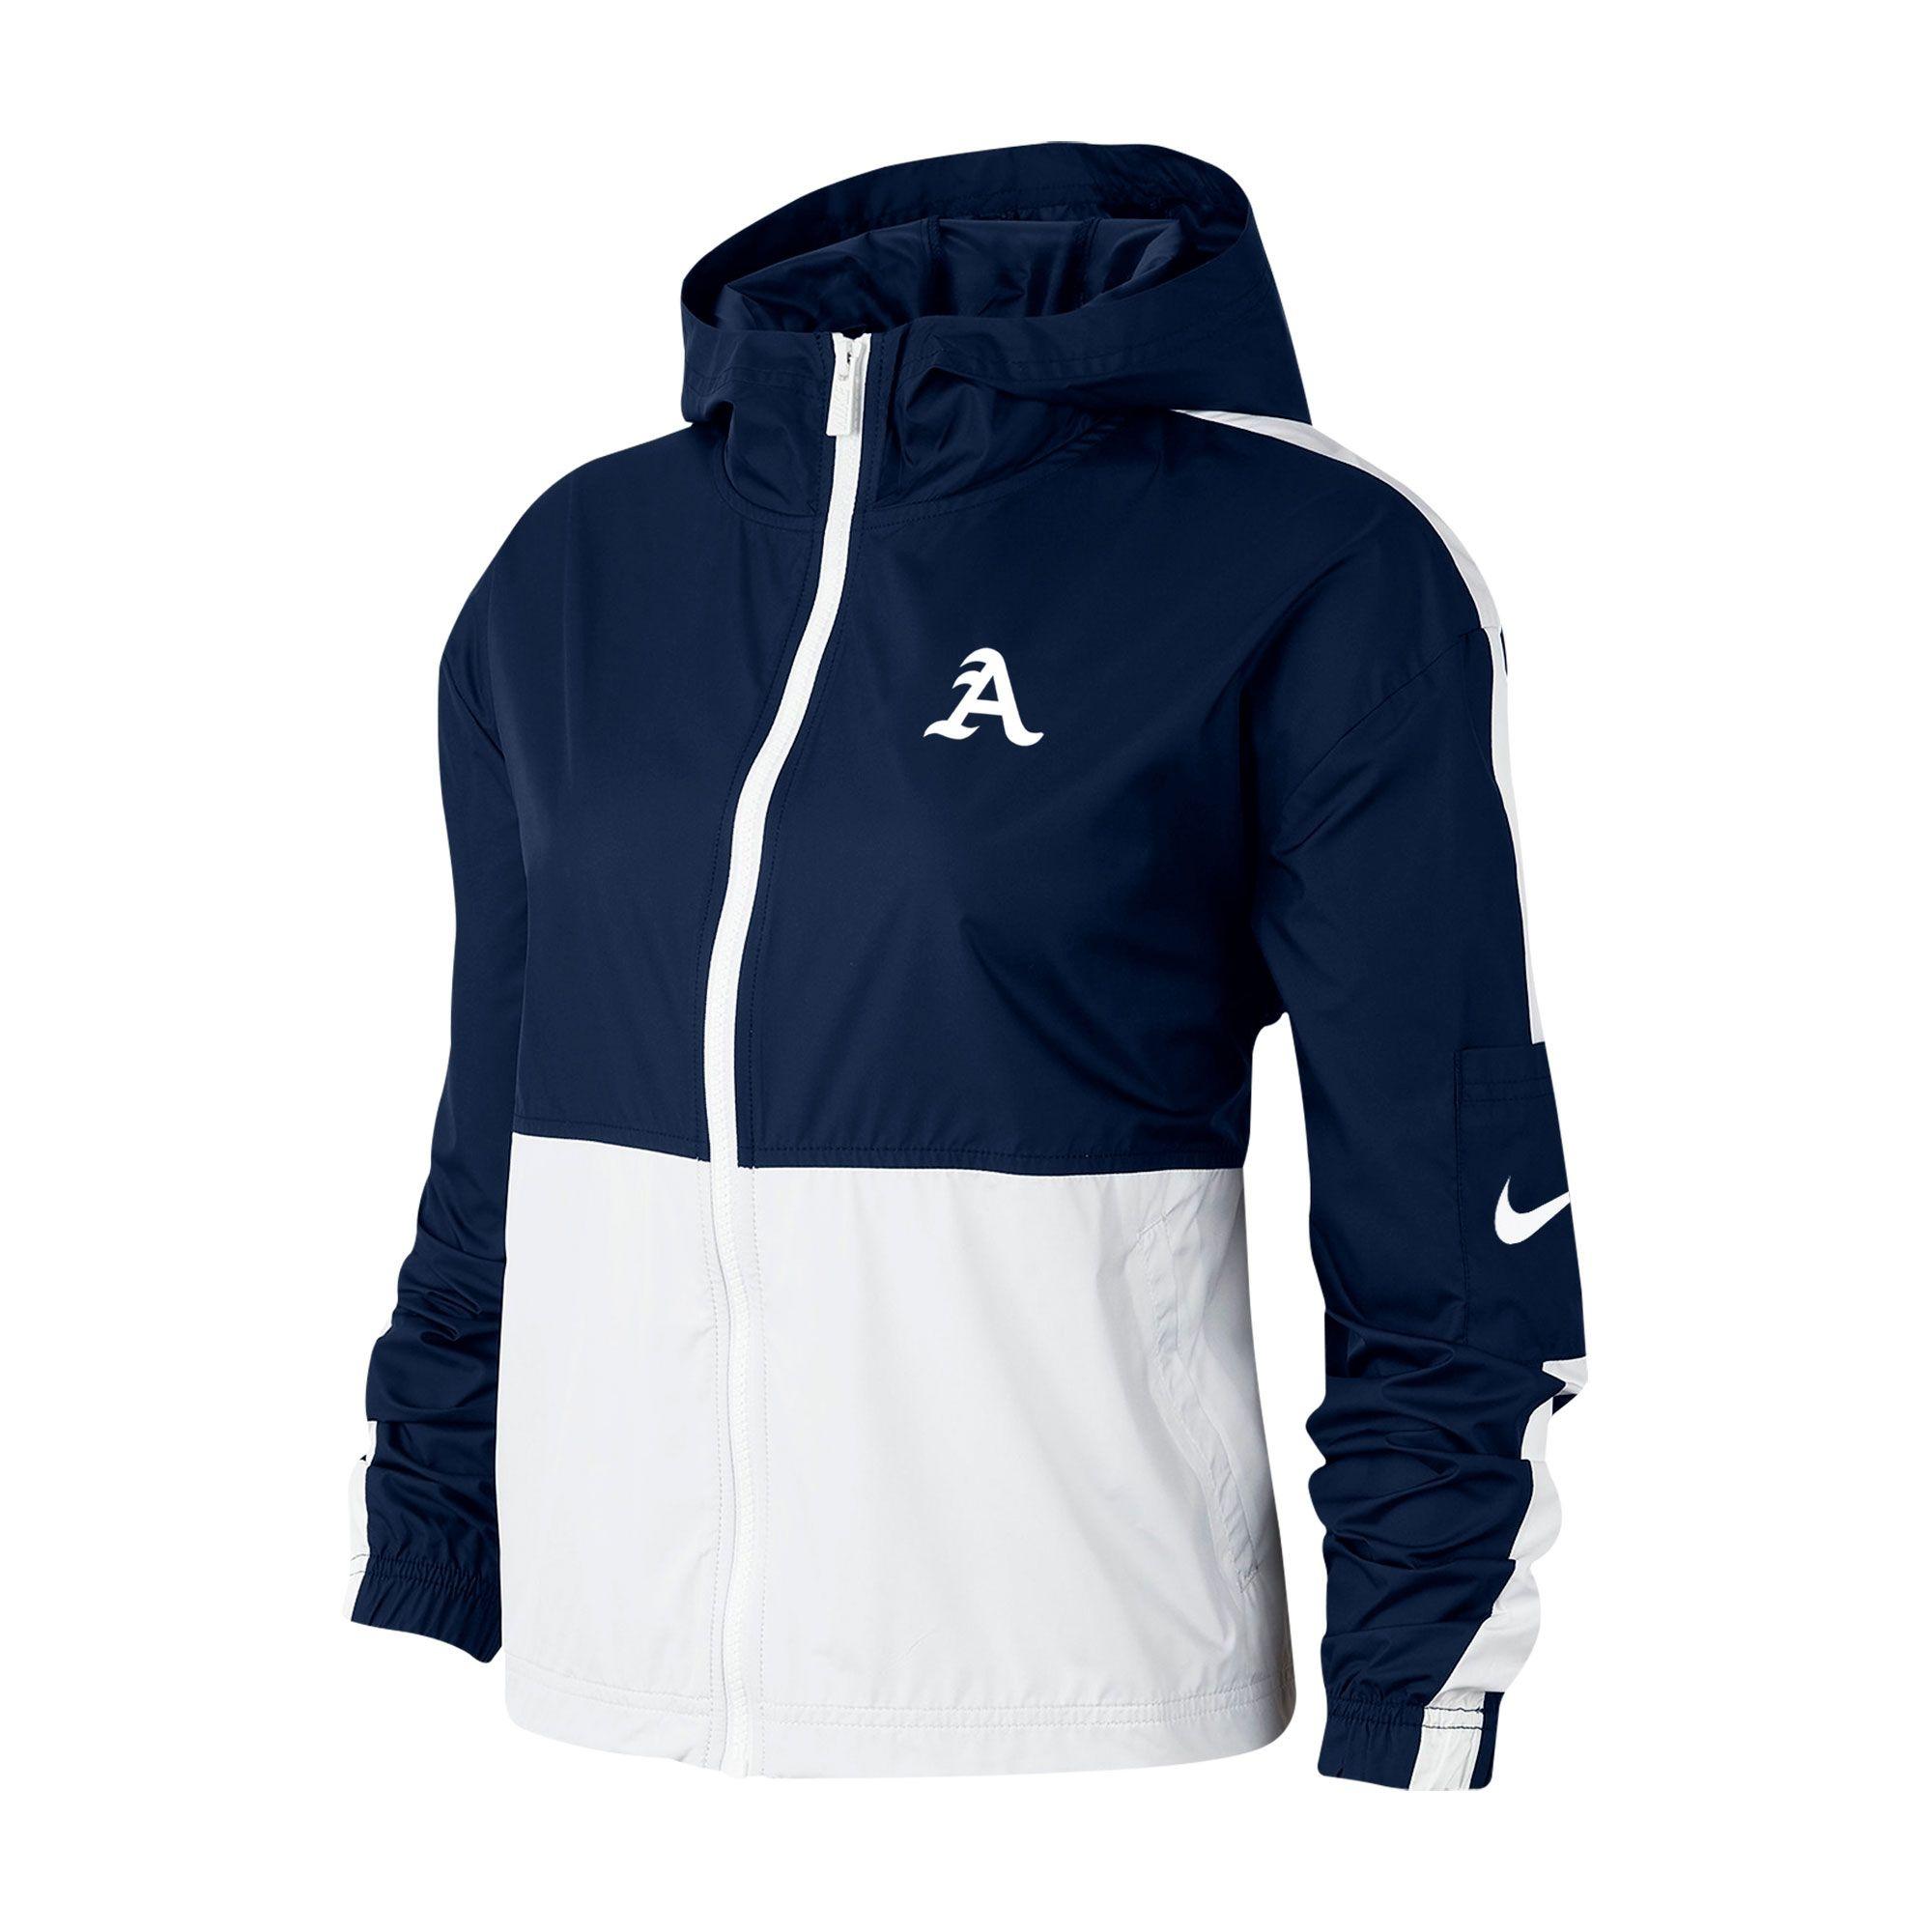 Nike Core Woven Jacket Sideline